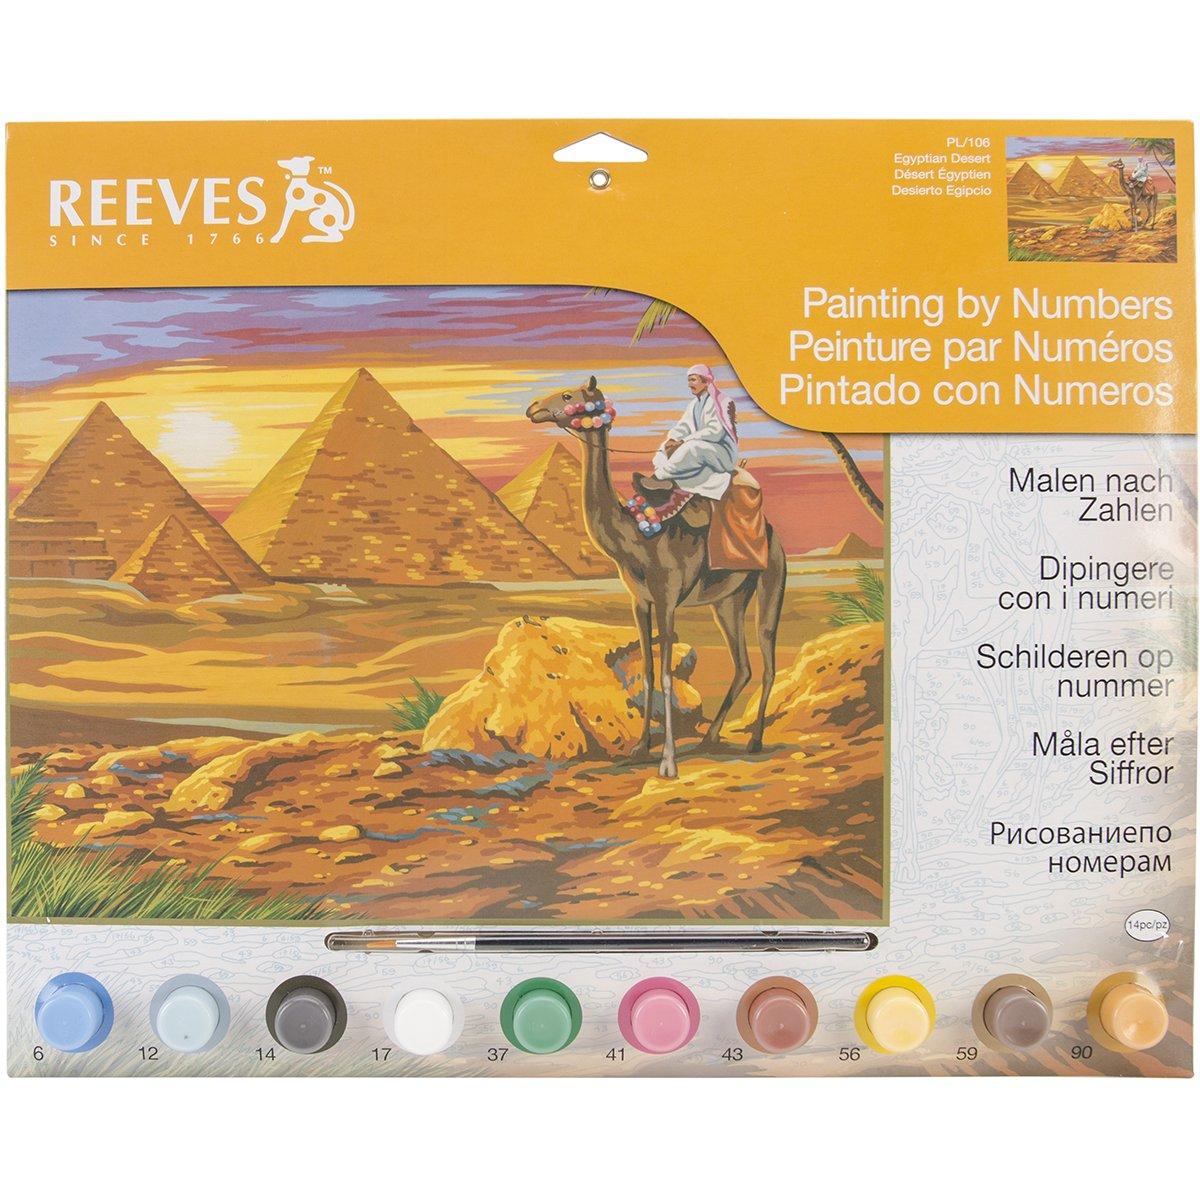 Reeves - - Pintar por Números - Reeves Set de pintura grande, diseño de flores 1ce4b7